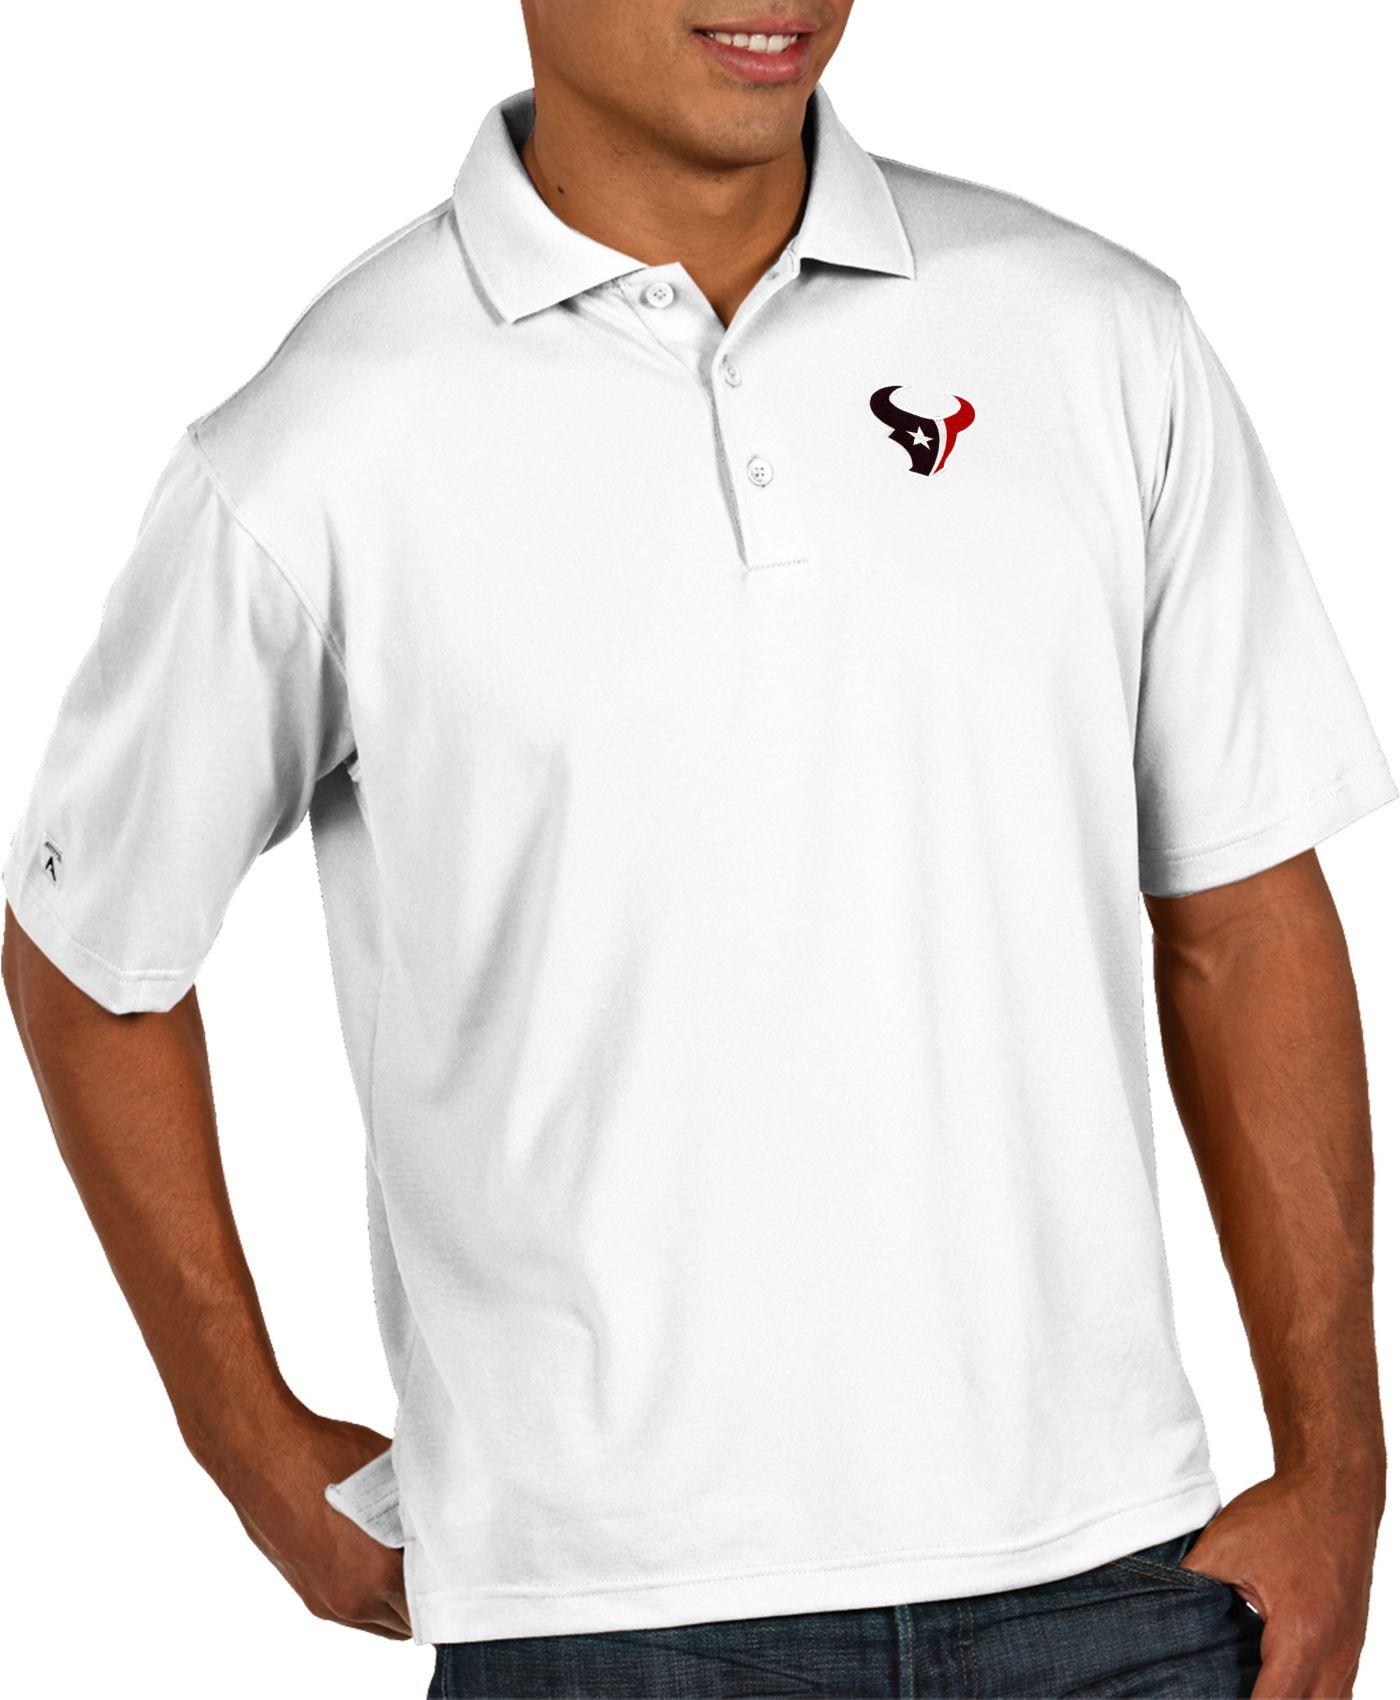 Antigua Men's Houston Texans Pique Xtra-Lite Performance White Polo